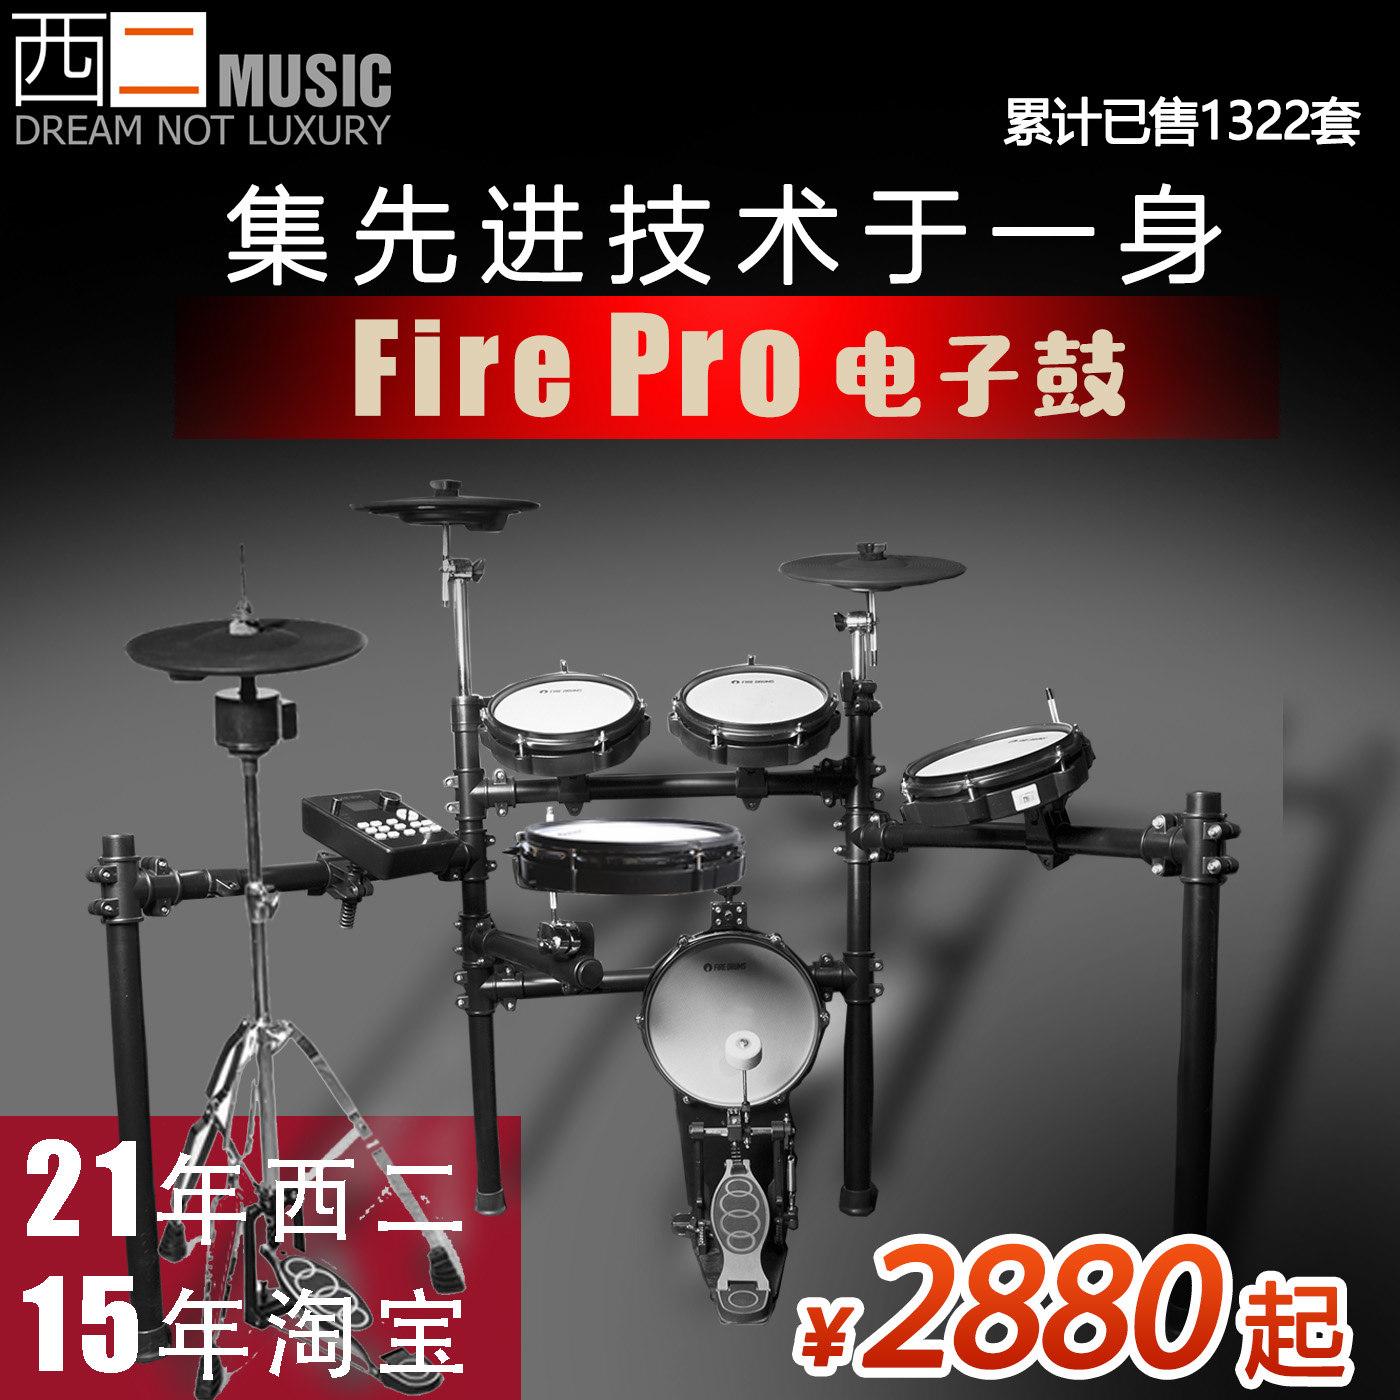 西二顺丰-fire5 firepro全网架子鼓